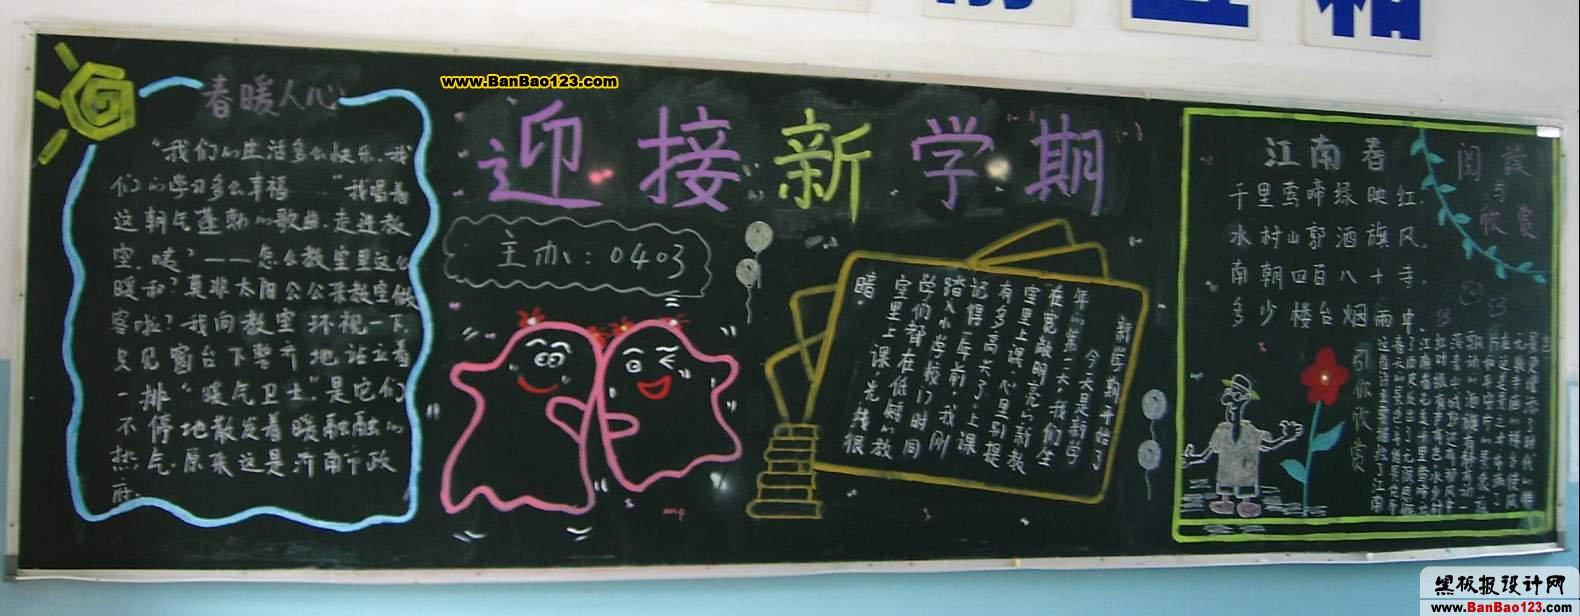 新语文新气象黑板报高中怎么分提图片学期浙江图片